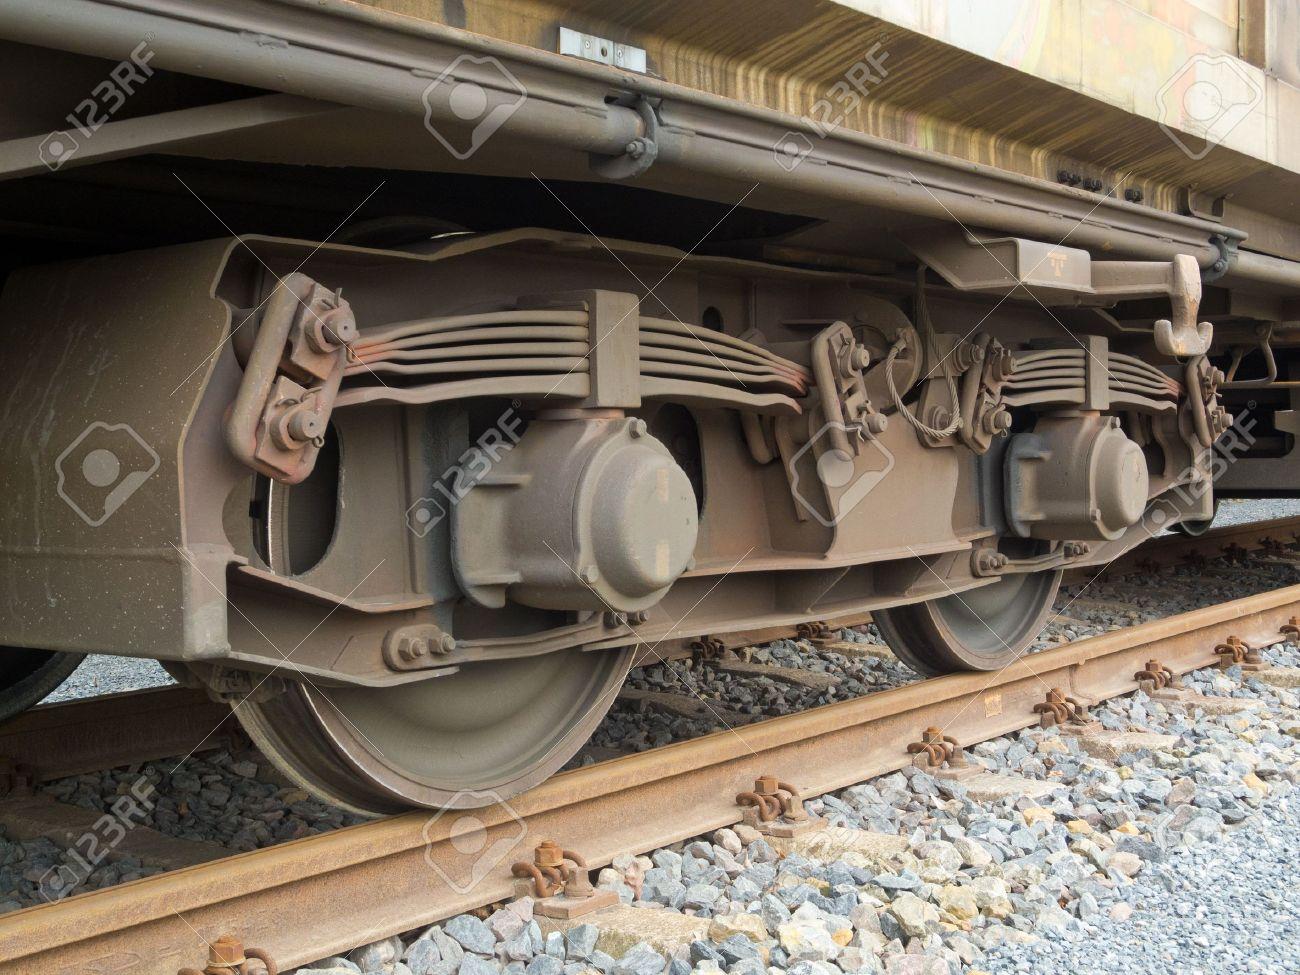 Drehgestell eines Güterwagens mit Rahmen, Blattfedern, Räder und Achslager Standard-Bild - 13883250